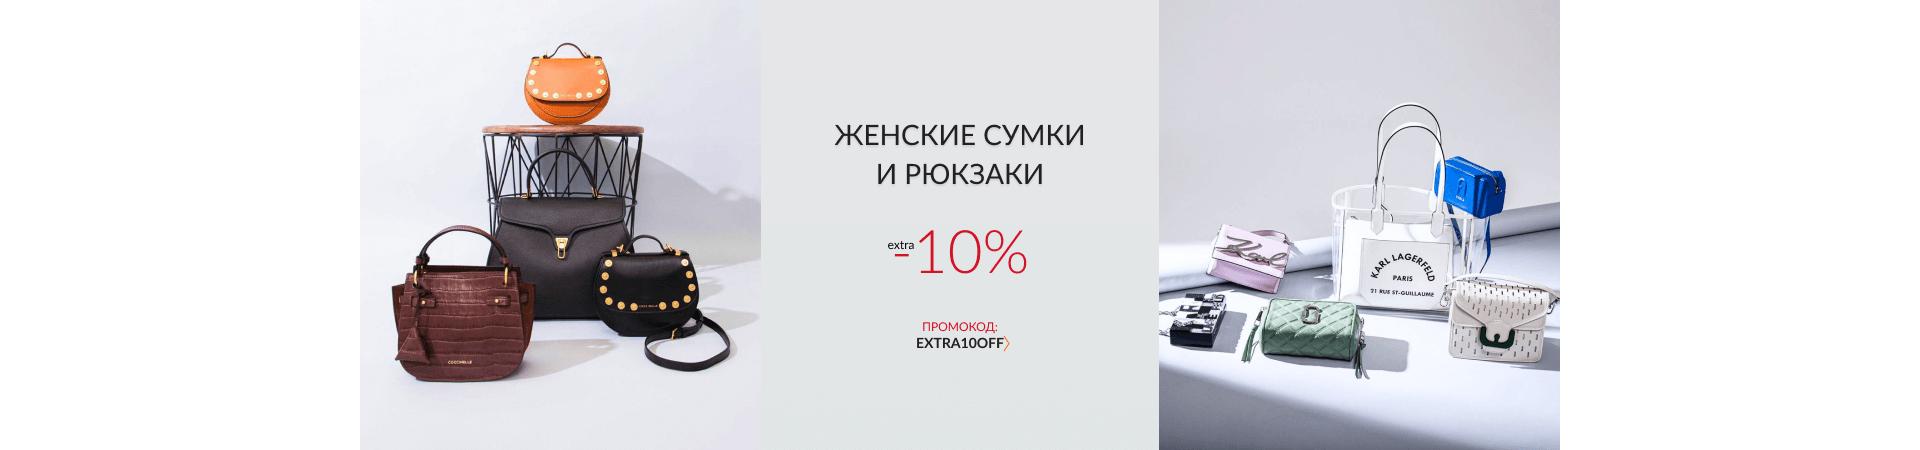 Аксы ж -10%